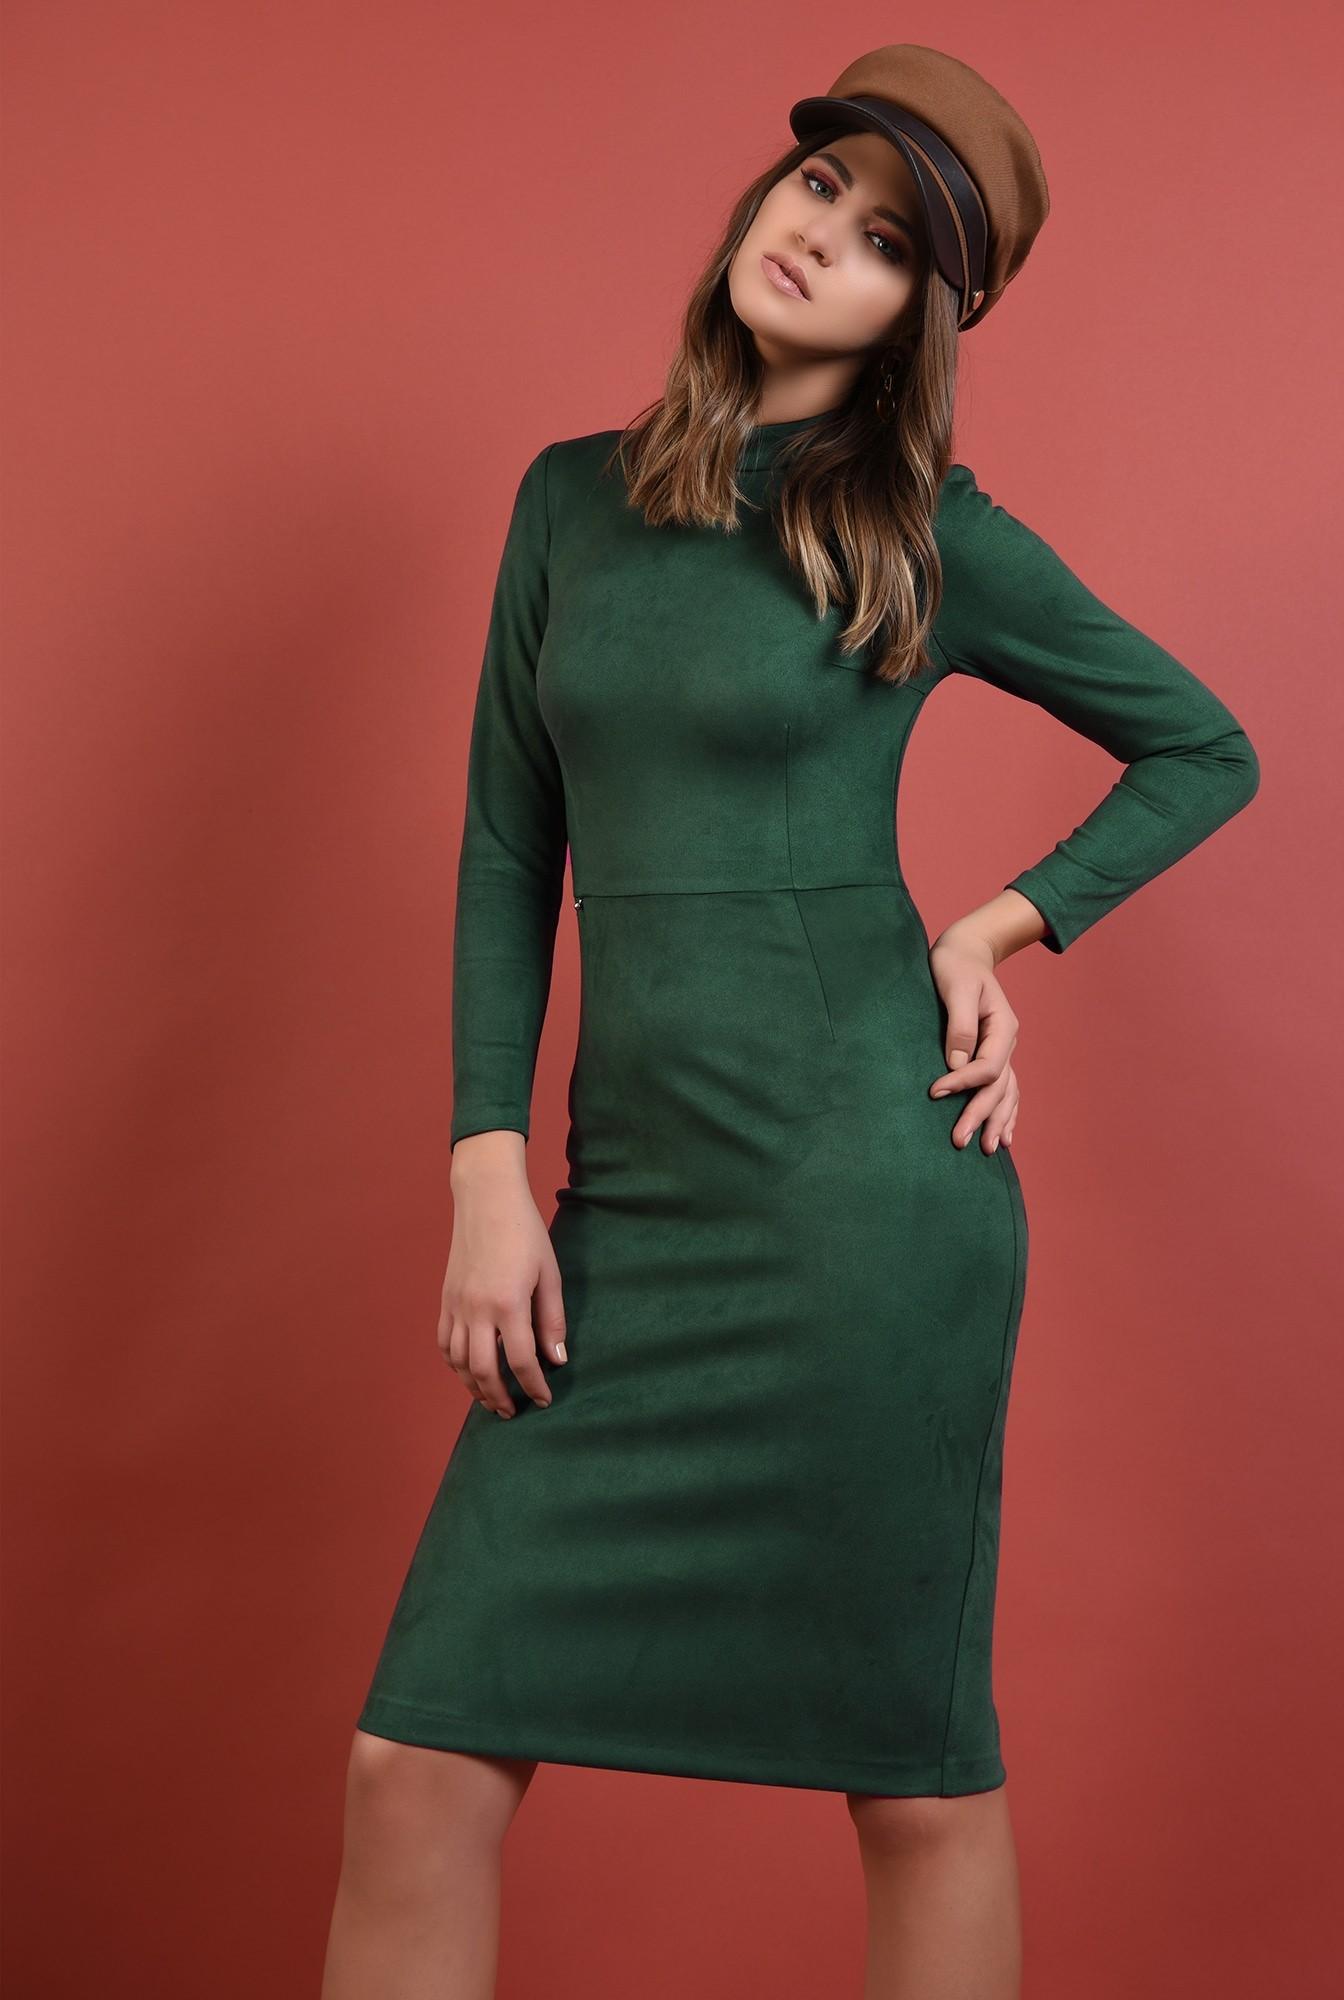 0 - rochie verde, casual, conica, stretch, maneci lungi